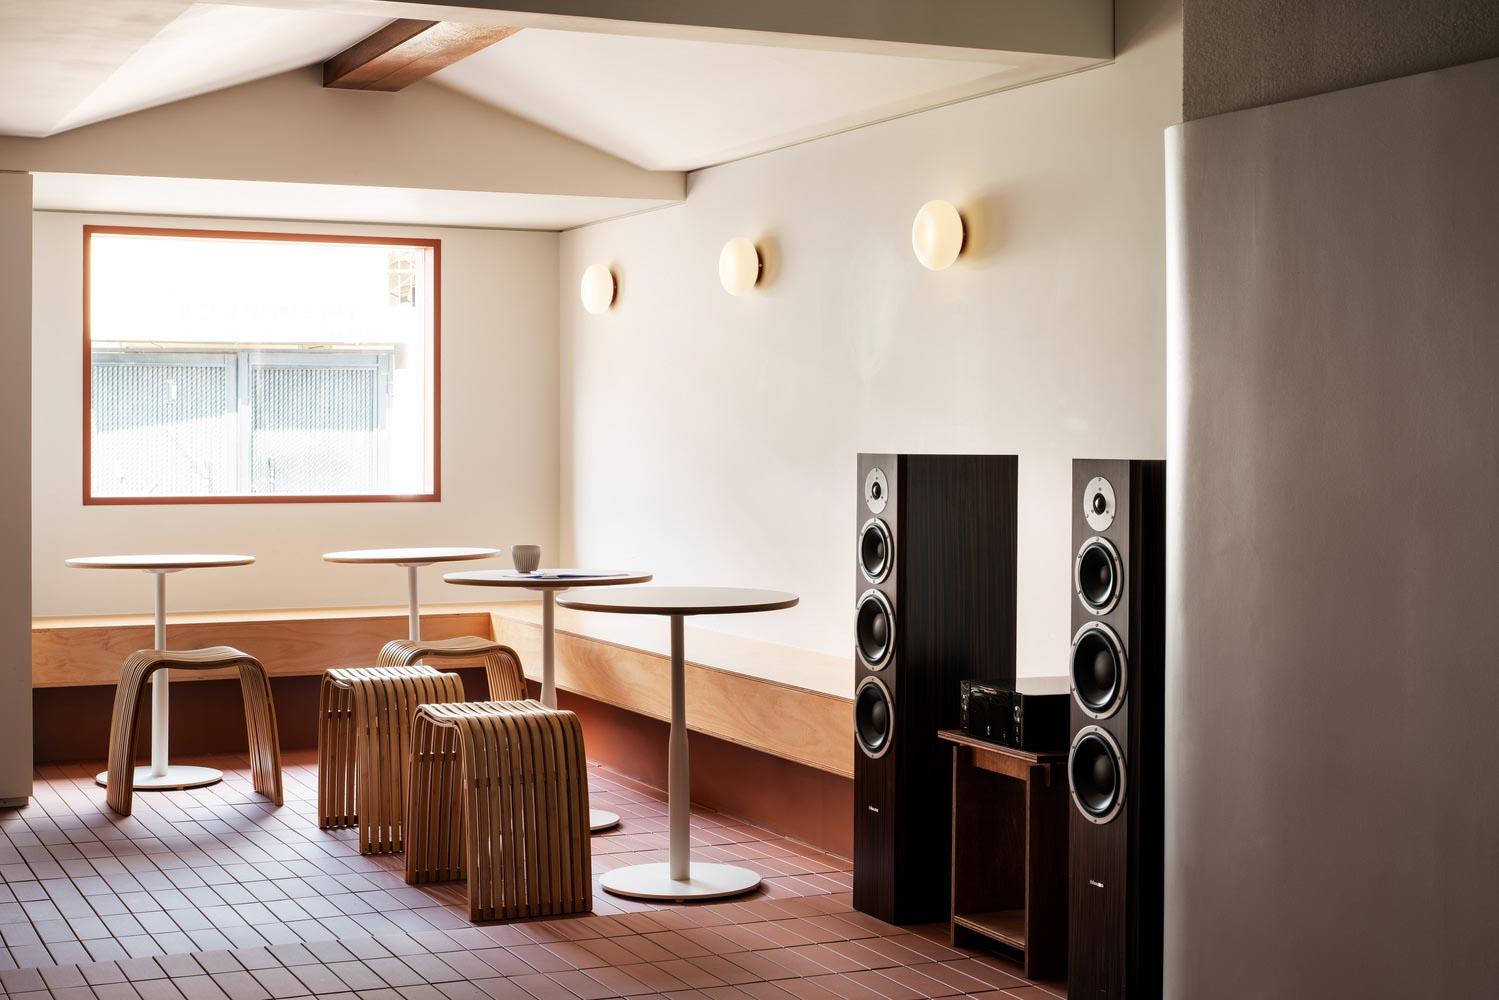 thiết kế quán cà phê